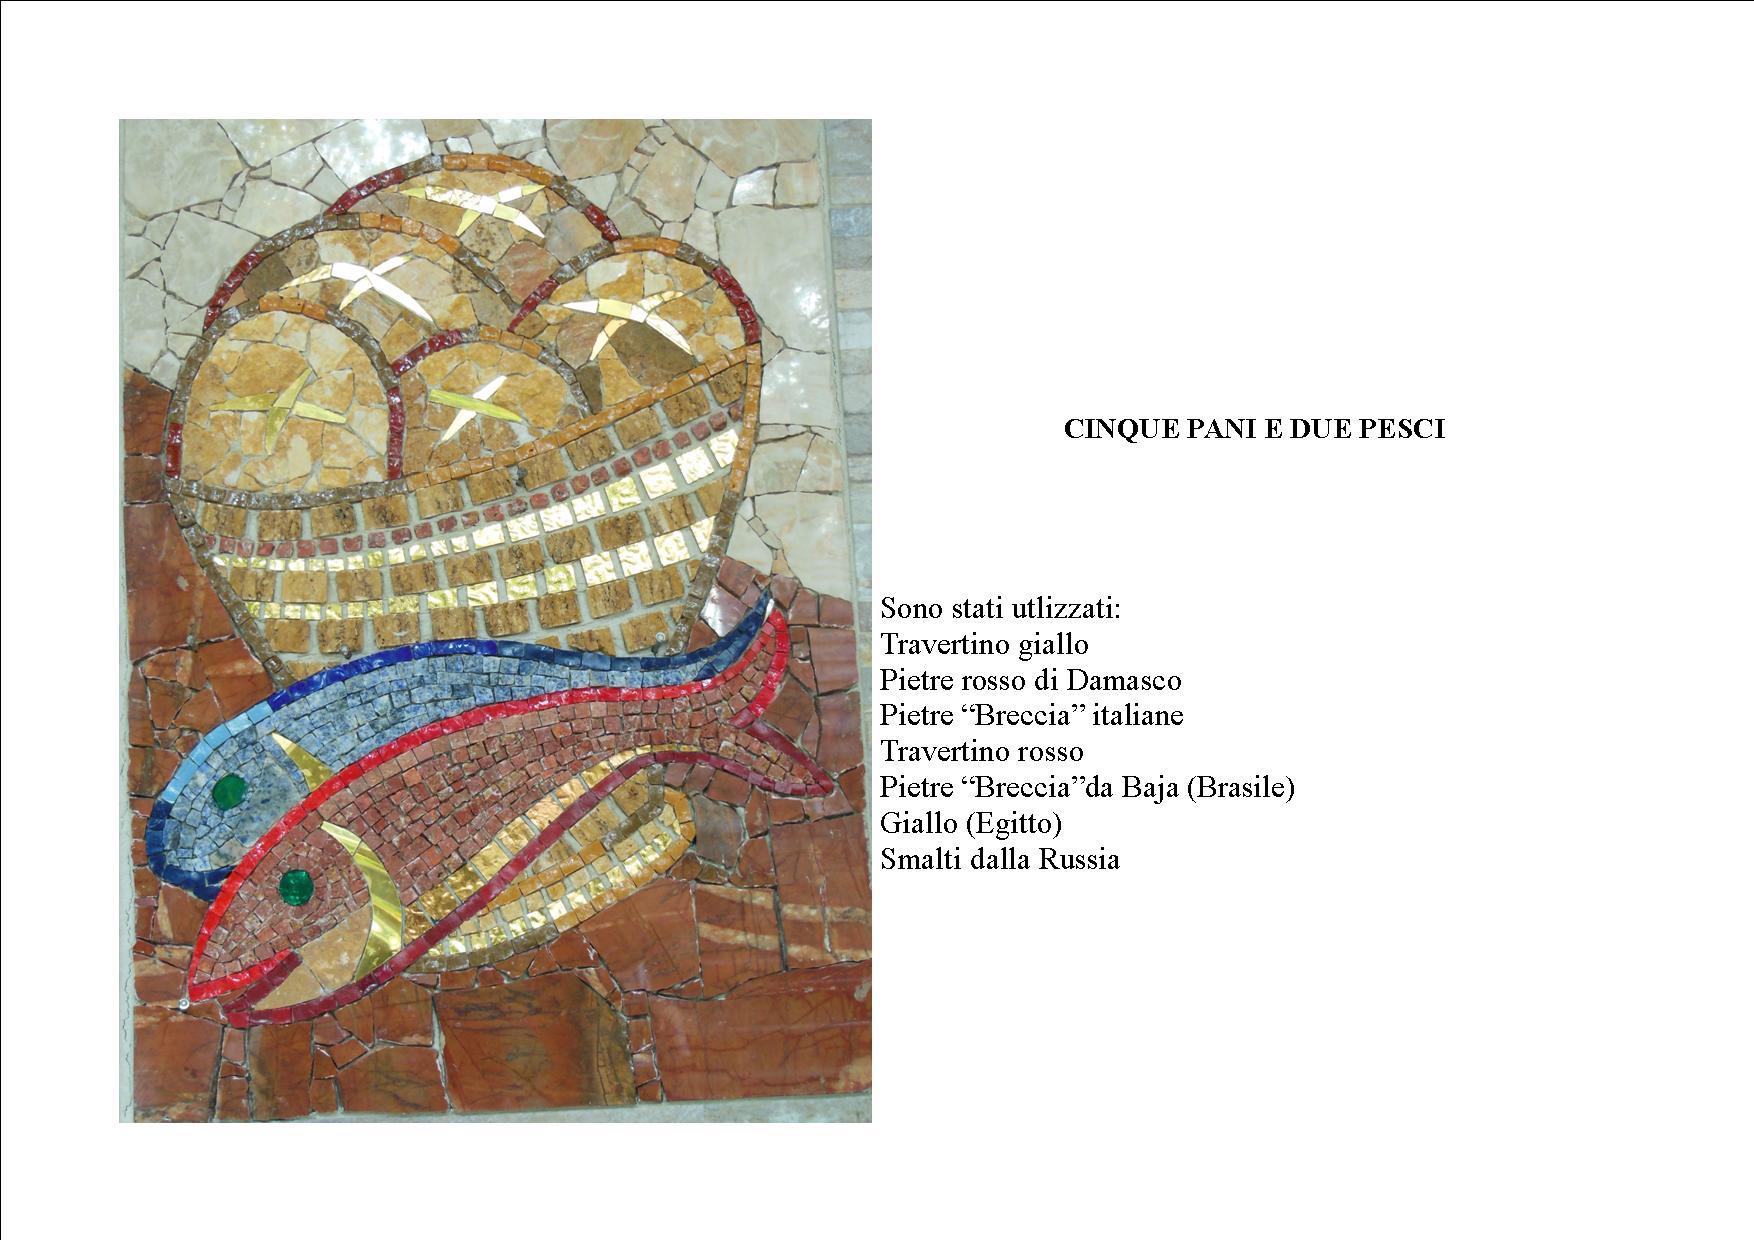 Cinque pani e due pesci